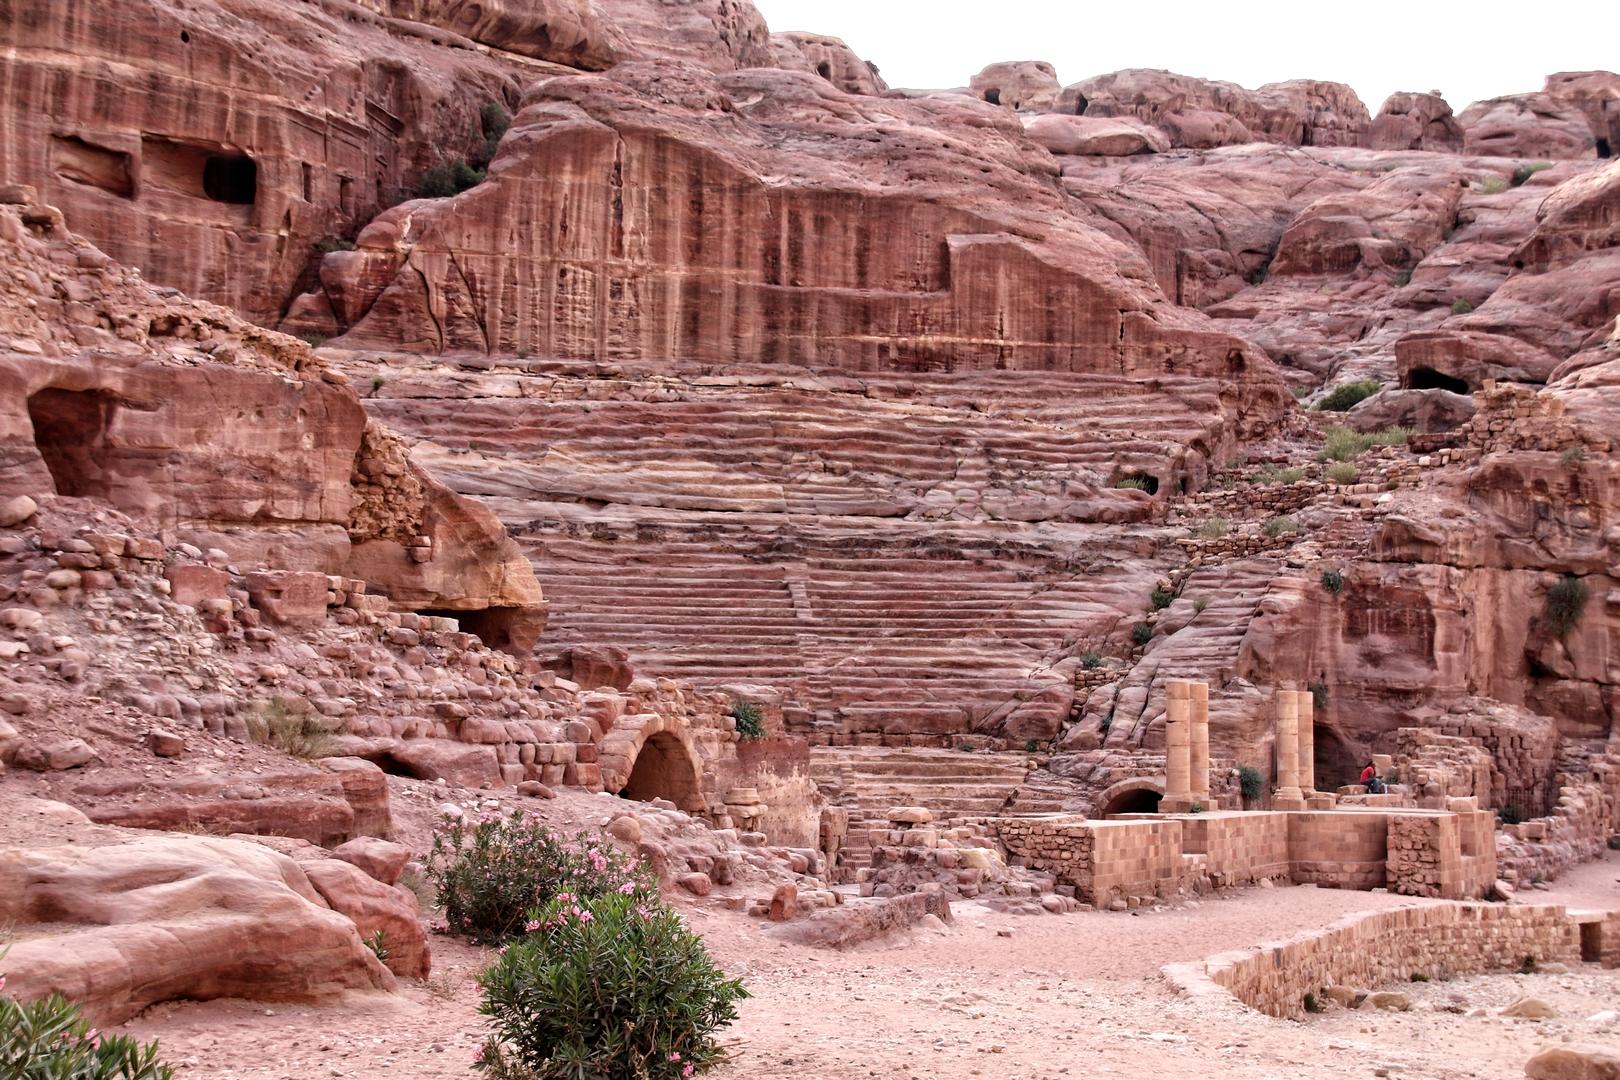 Jordanie - Théâtre romain du site de Petra